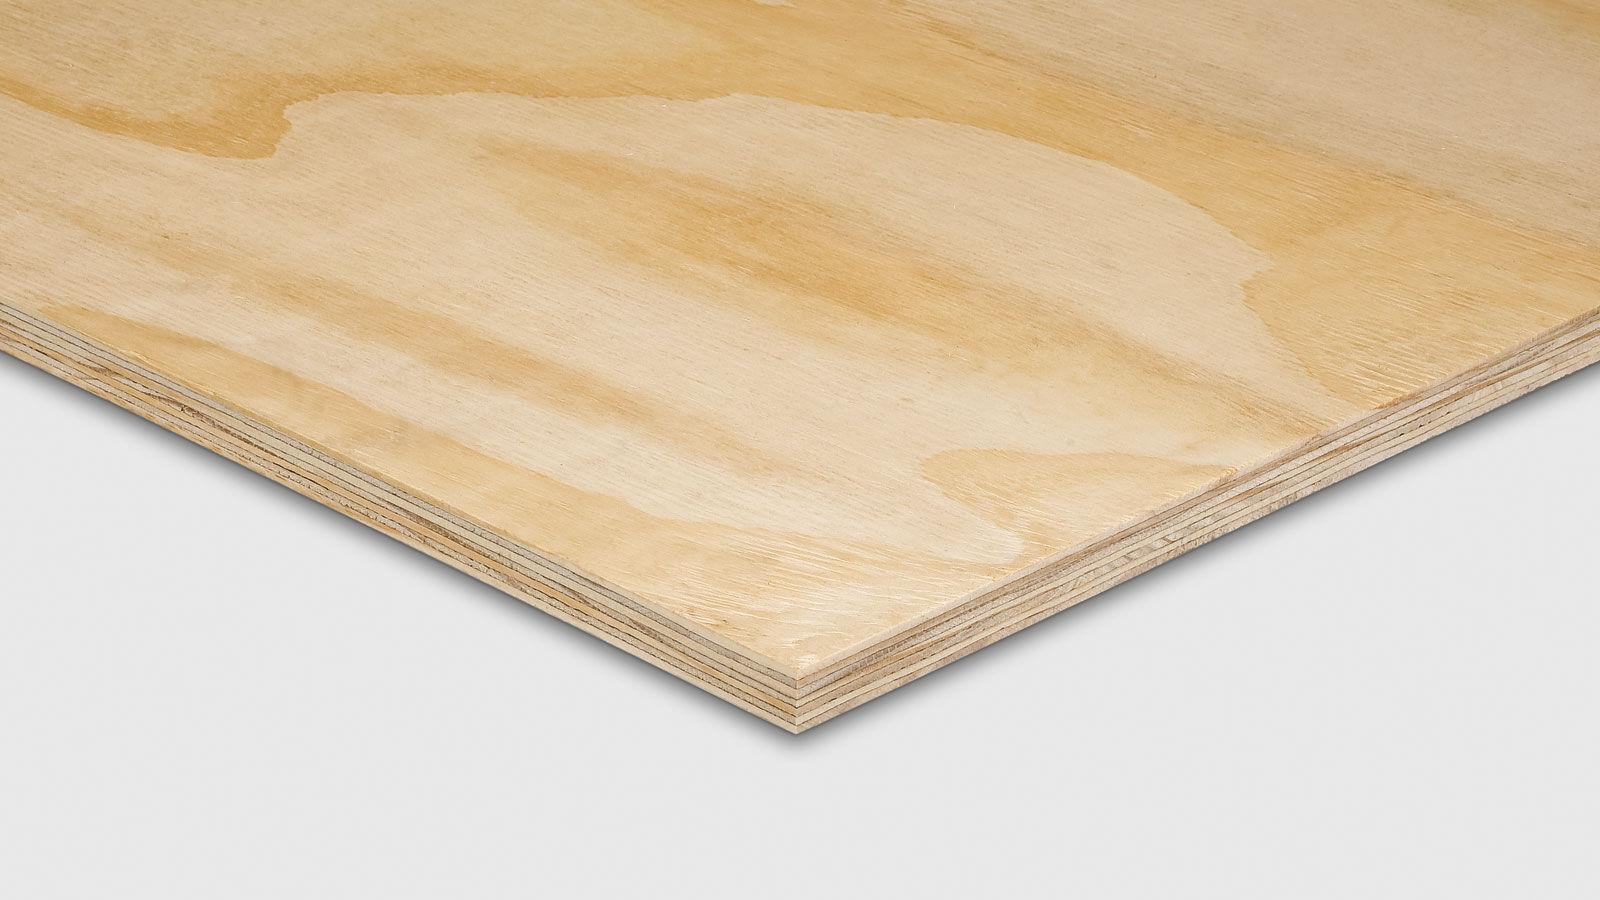 Assi Di Legno Hd : Asse di legno per cassaforma in compensato elliottis pine c c